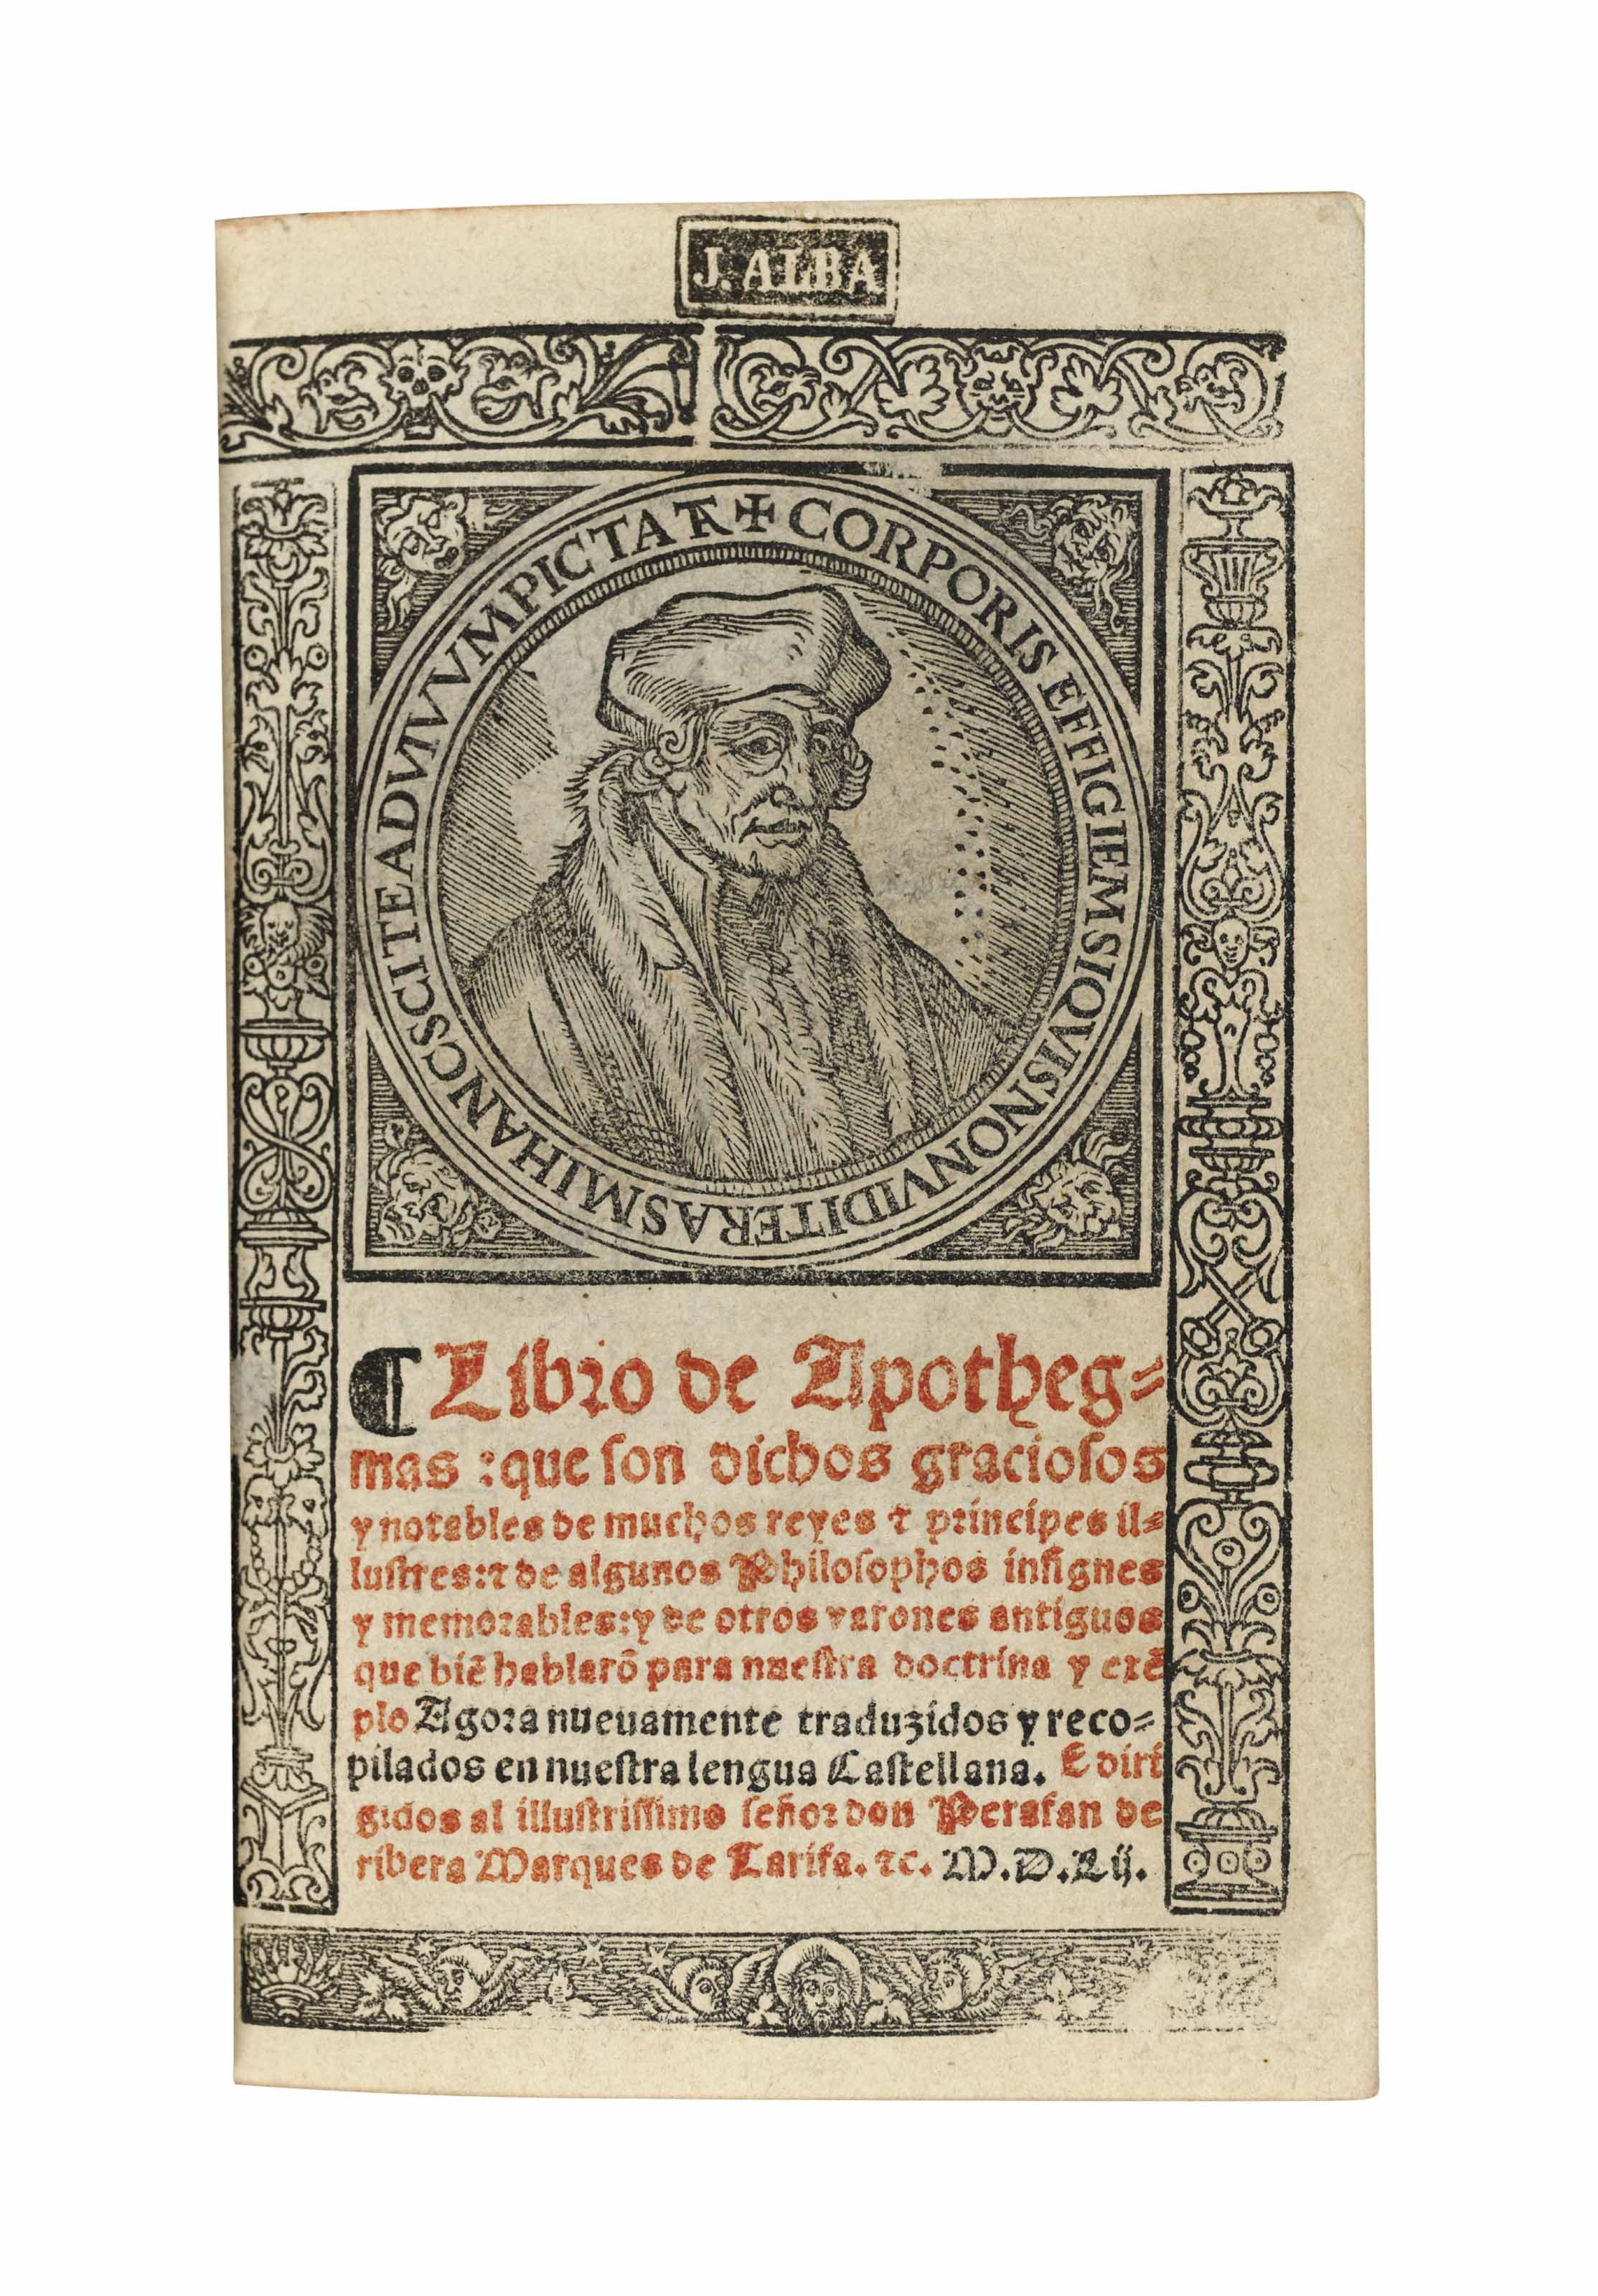 ERASMUS, Desiderius (1466-1536